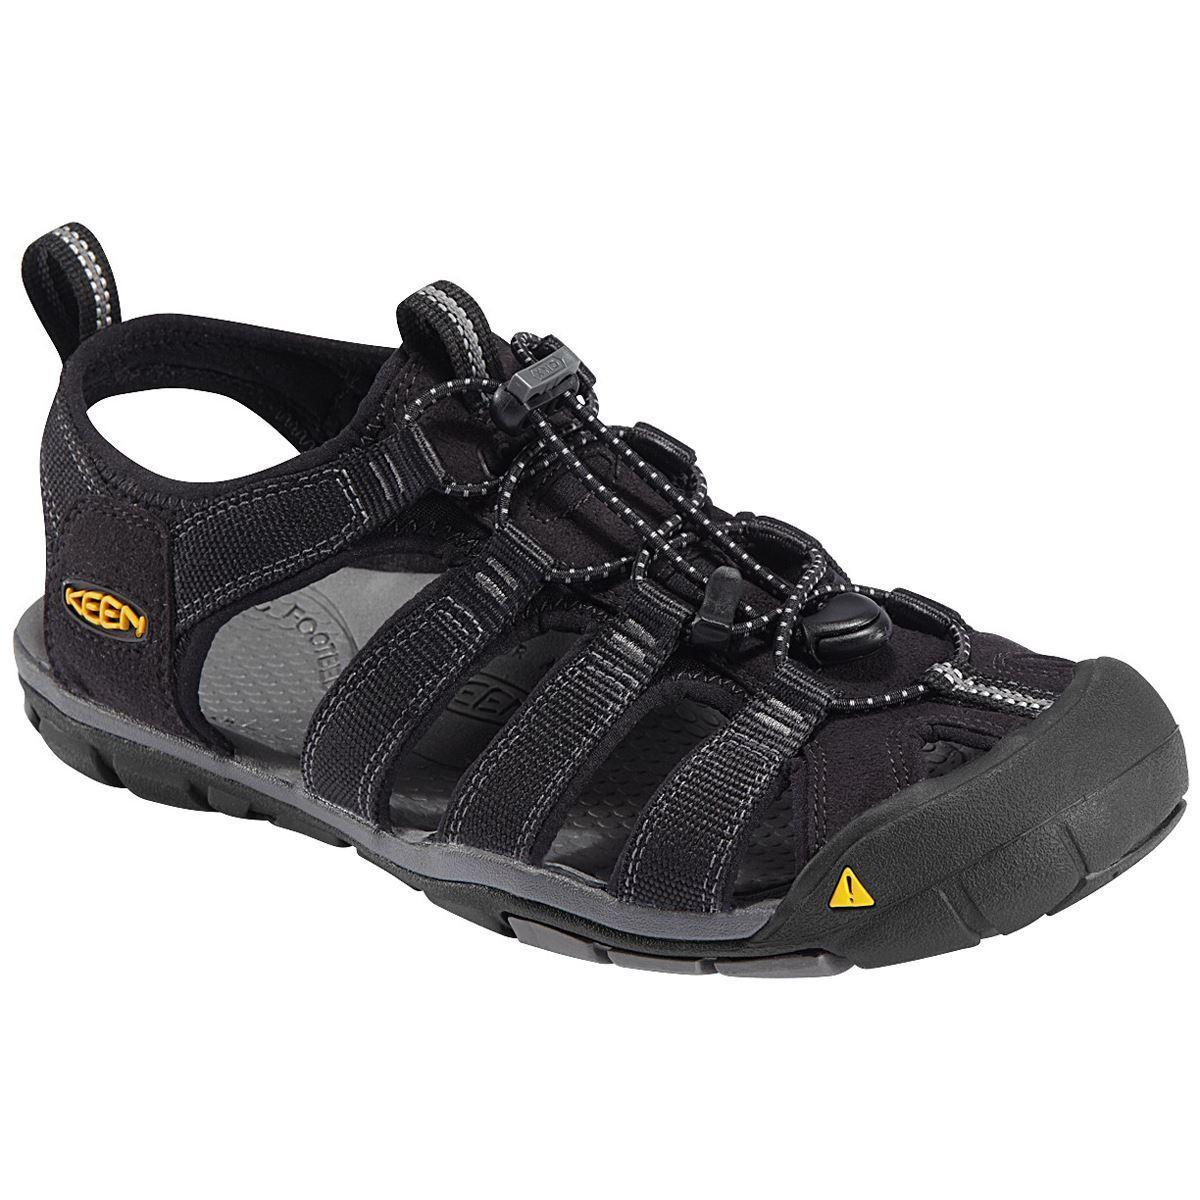 Keen Clearwater CNX Black Mens Comfort Outdoor Sandals